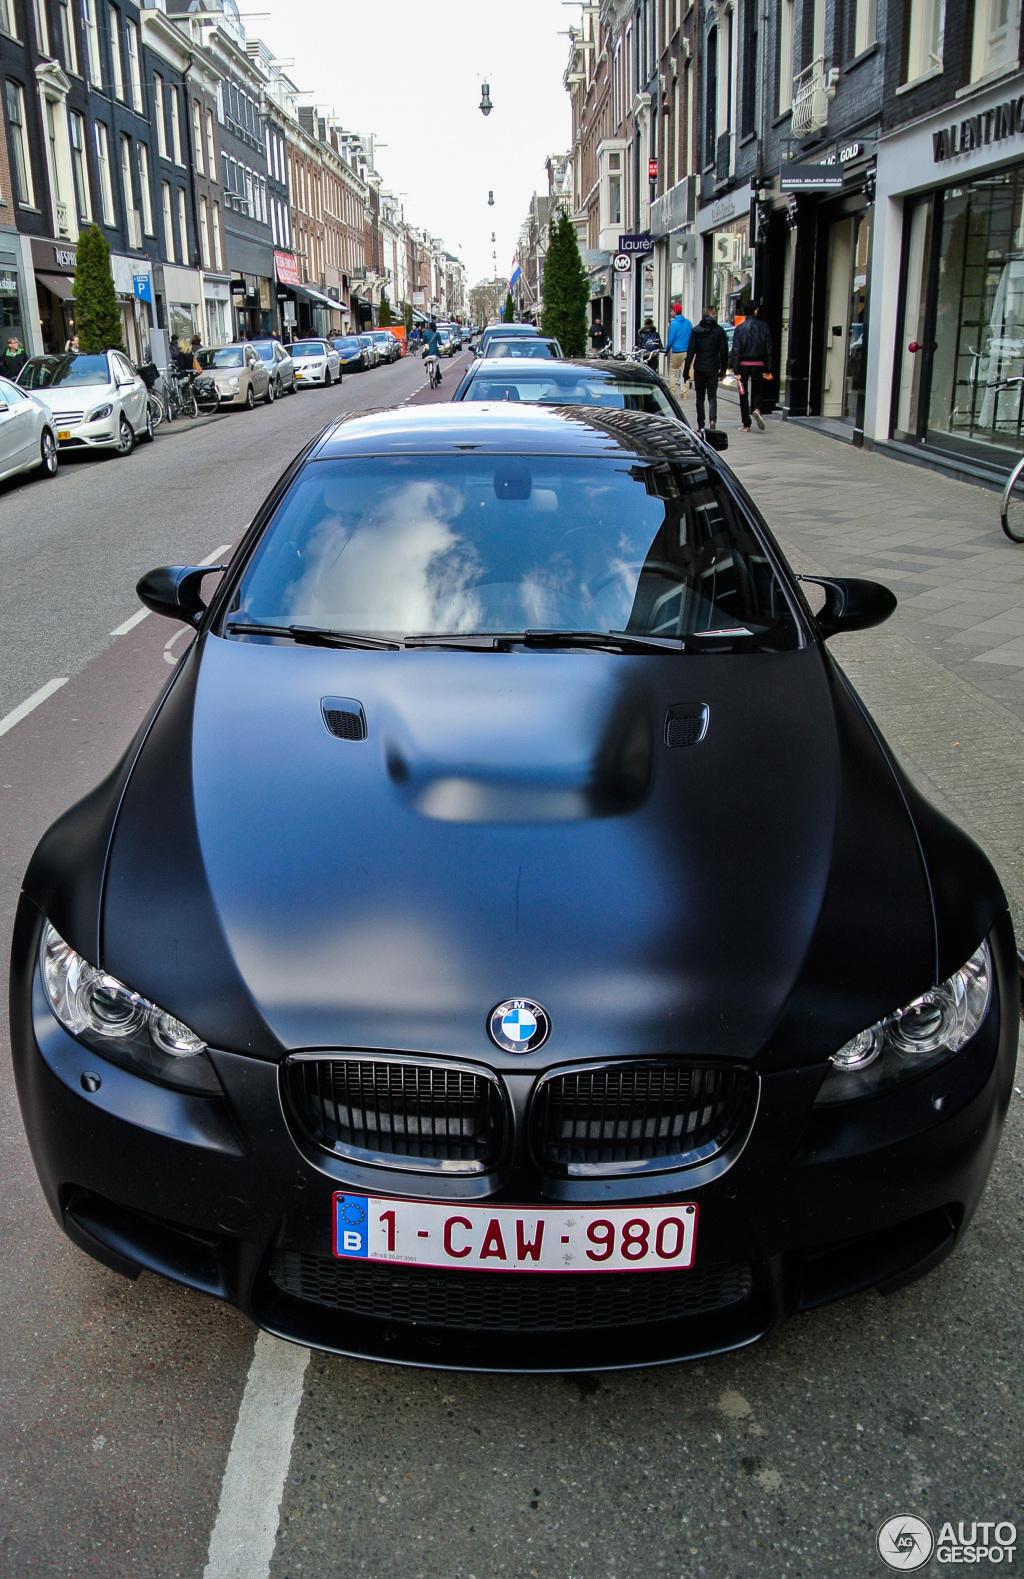 BMW M3 E92 Coupé Frozen Black Edition - 6 April 2013 ...